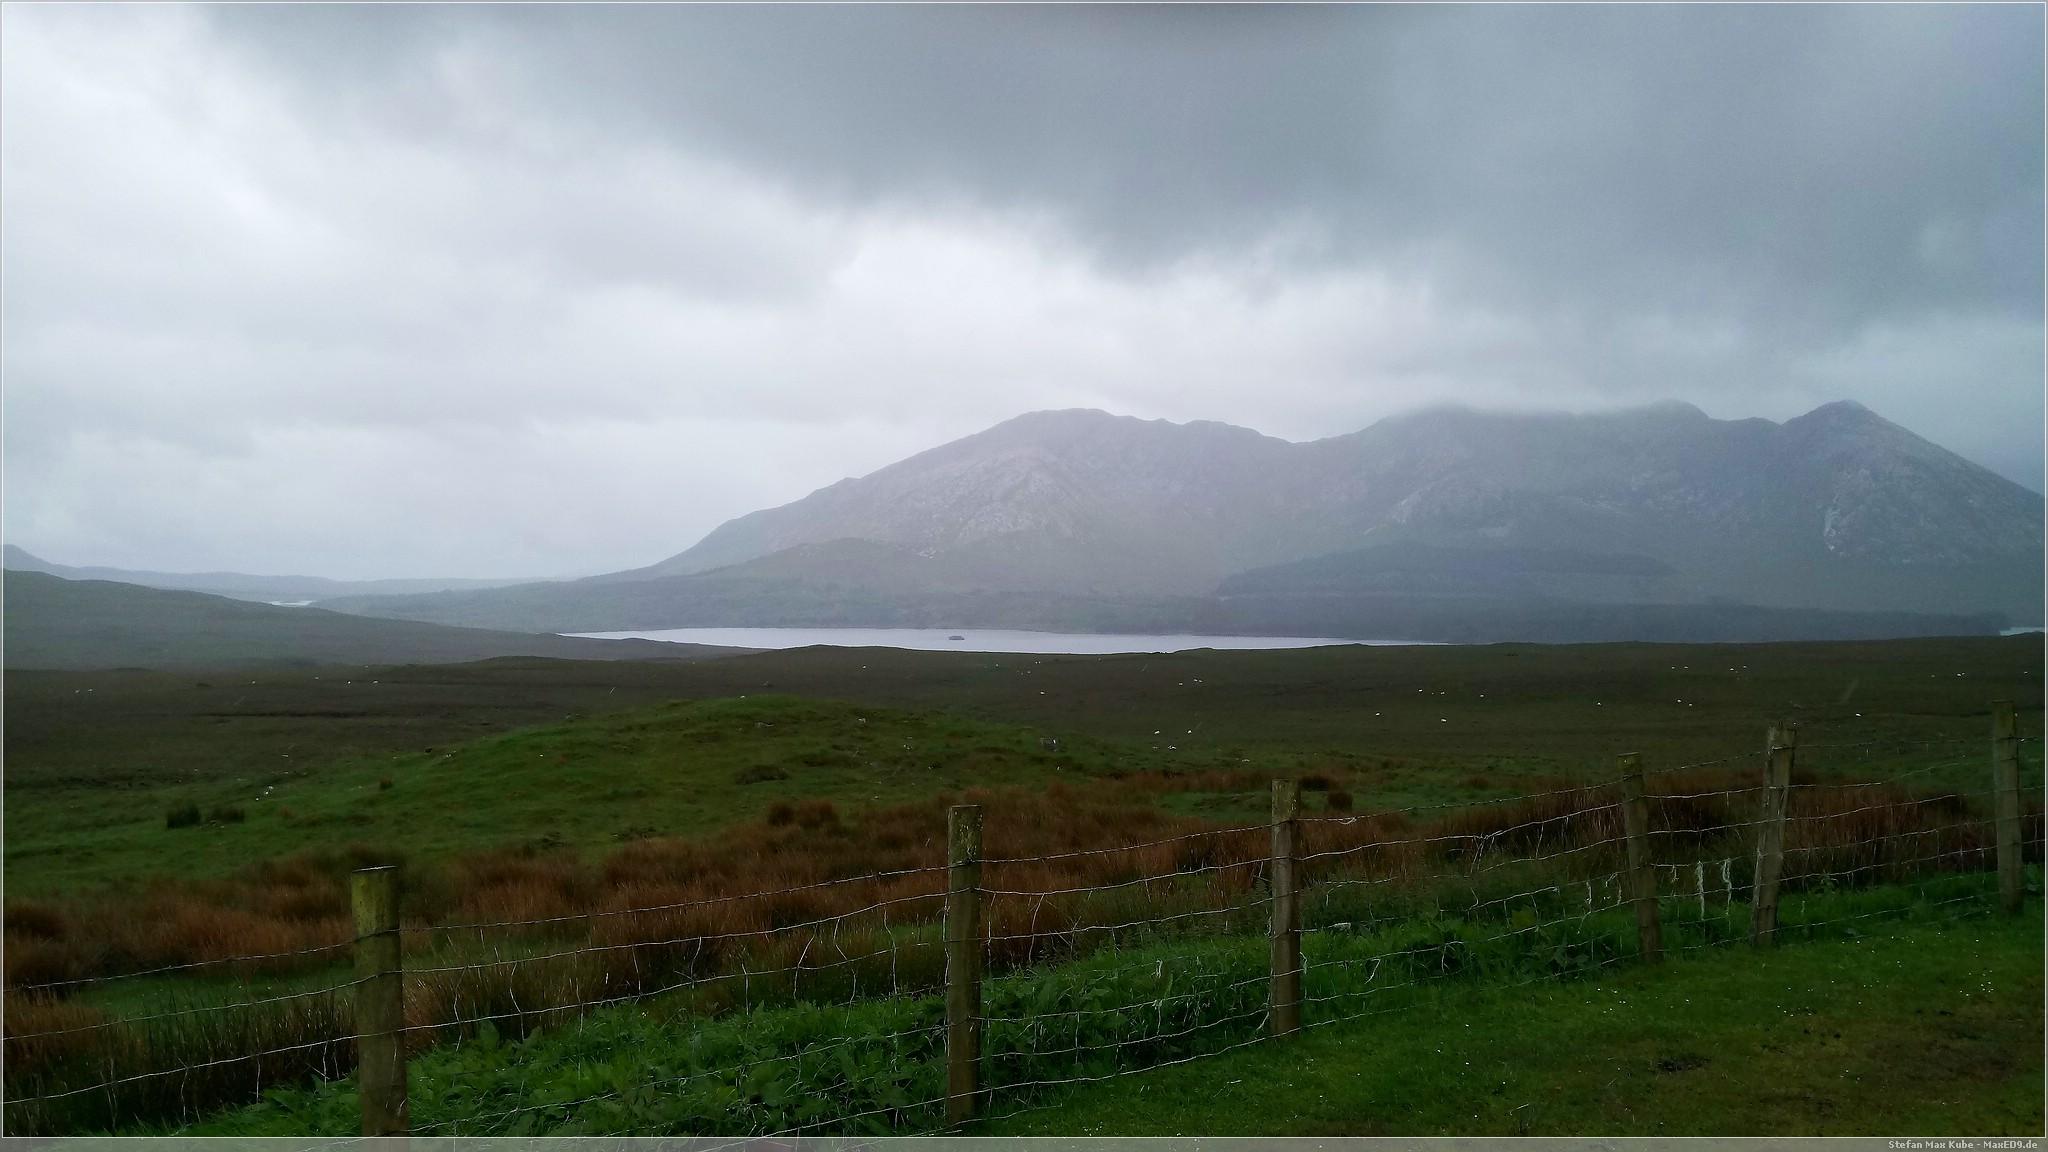 Lehanagh Lough